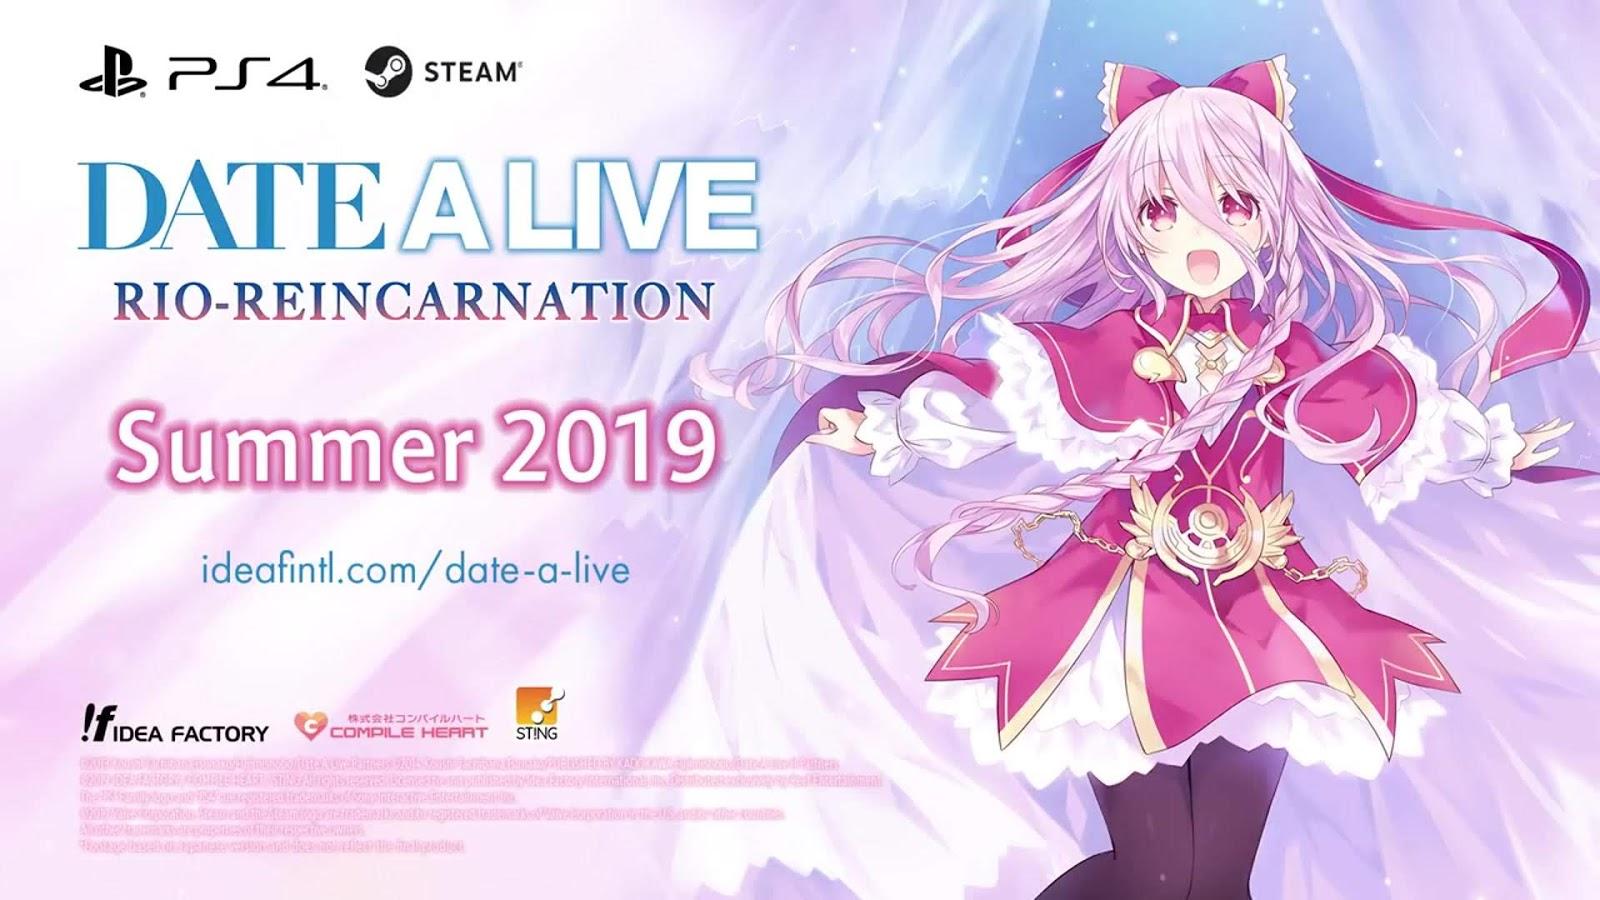 date-a-live-rio-reincarnation